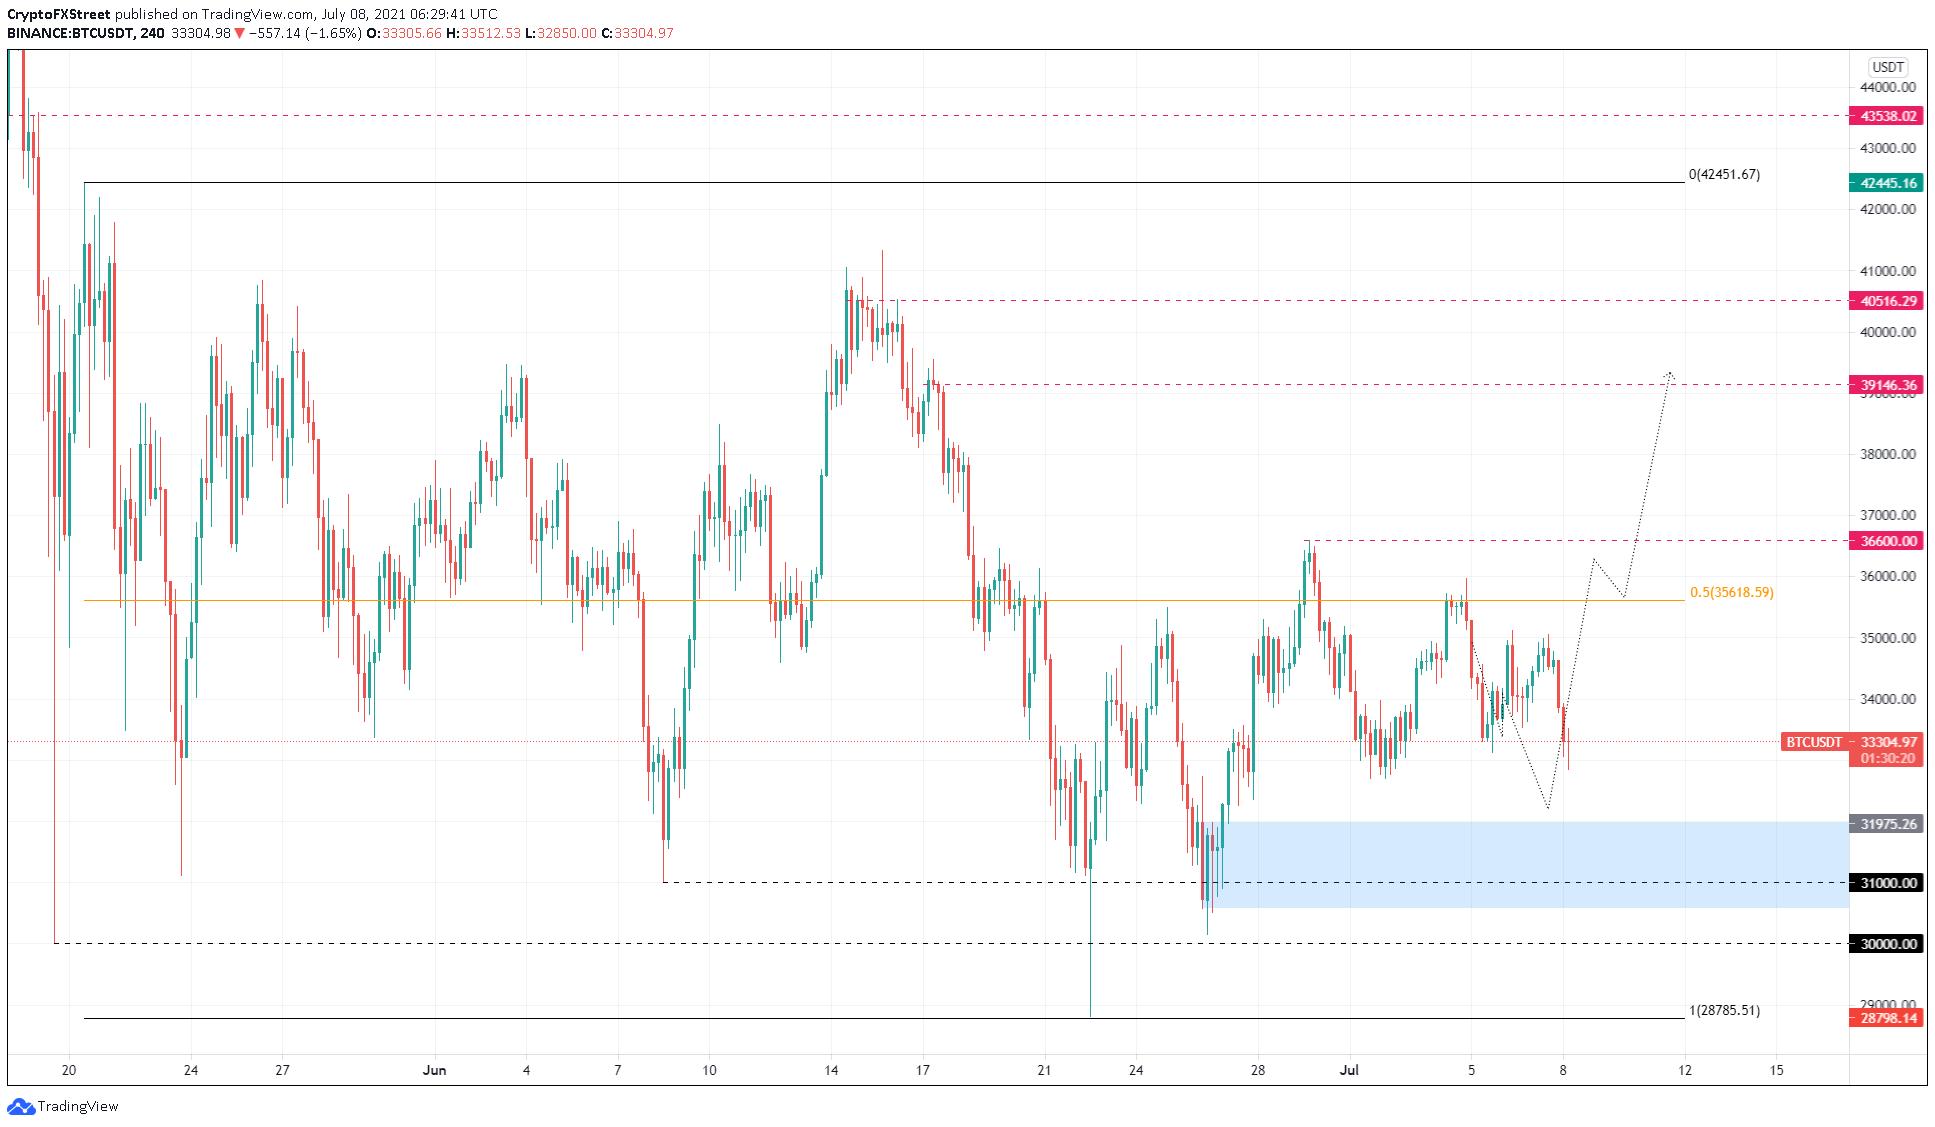 BTC/USDT 4-hour chart